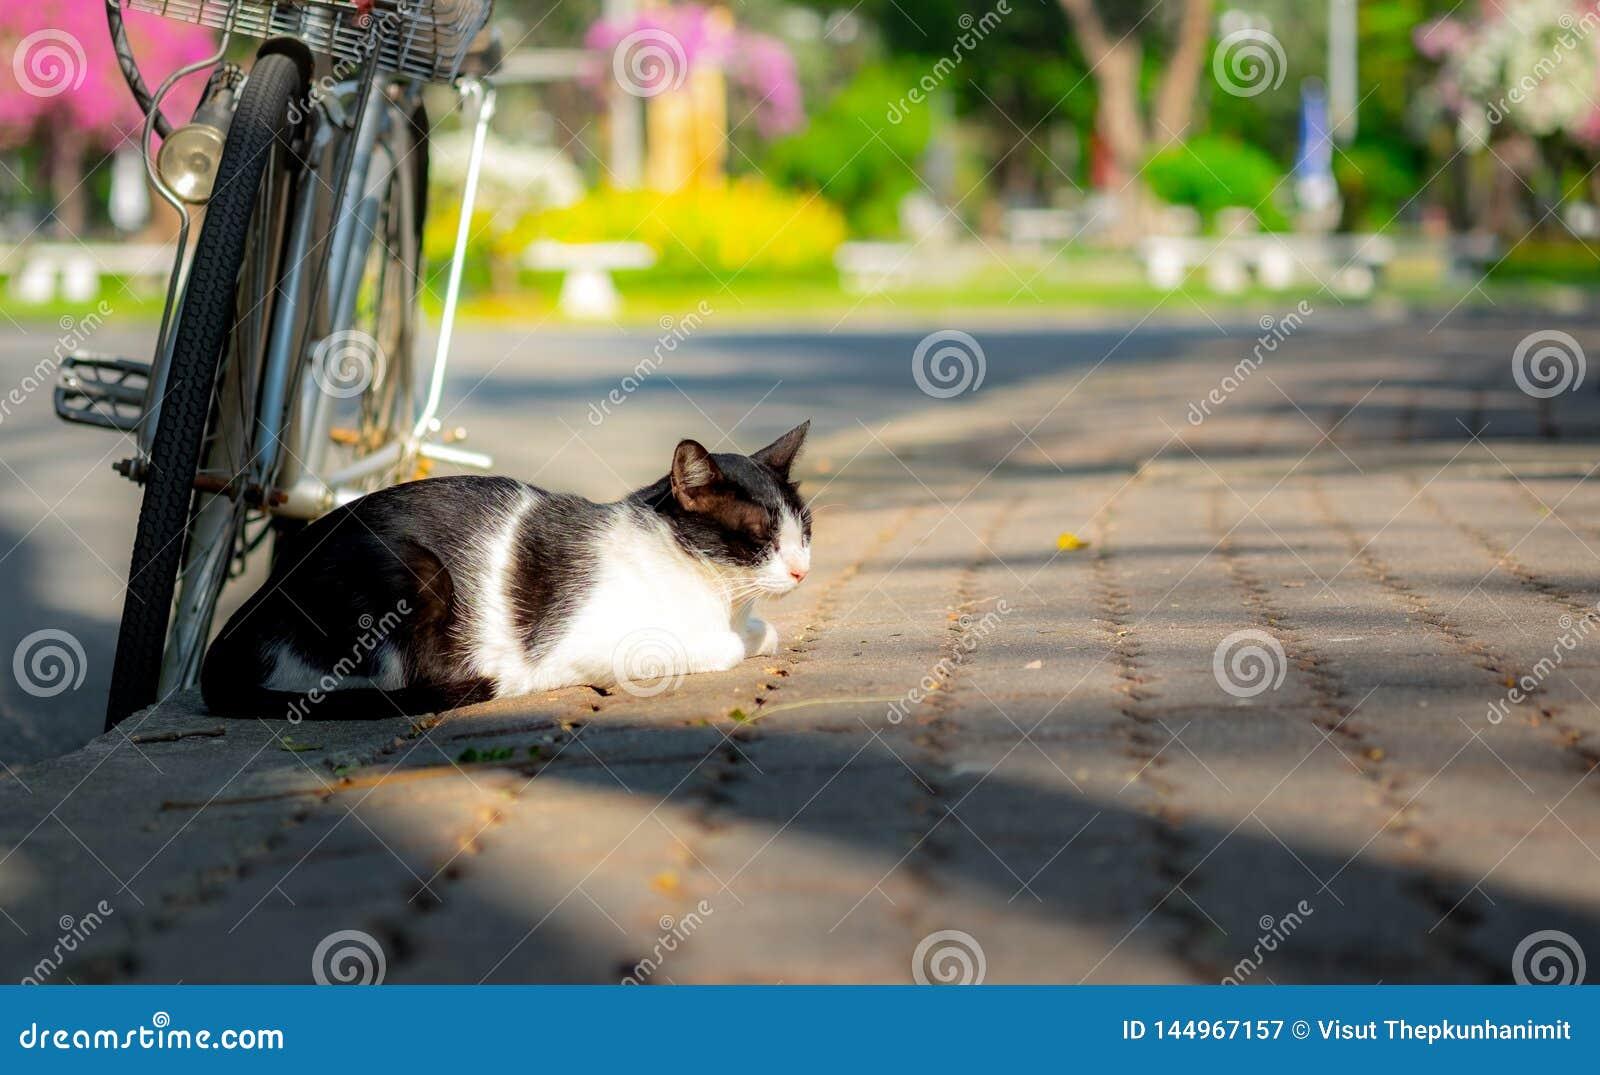 Сон кота с парком велосипеда публично